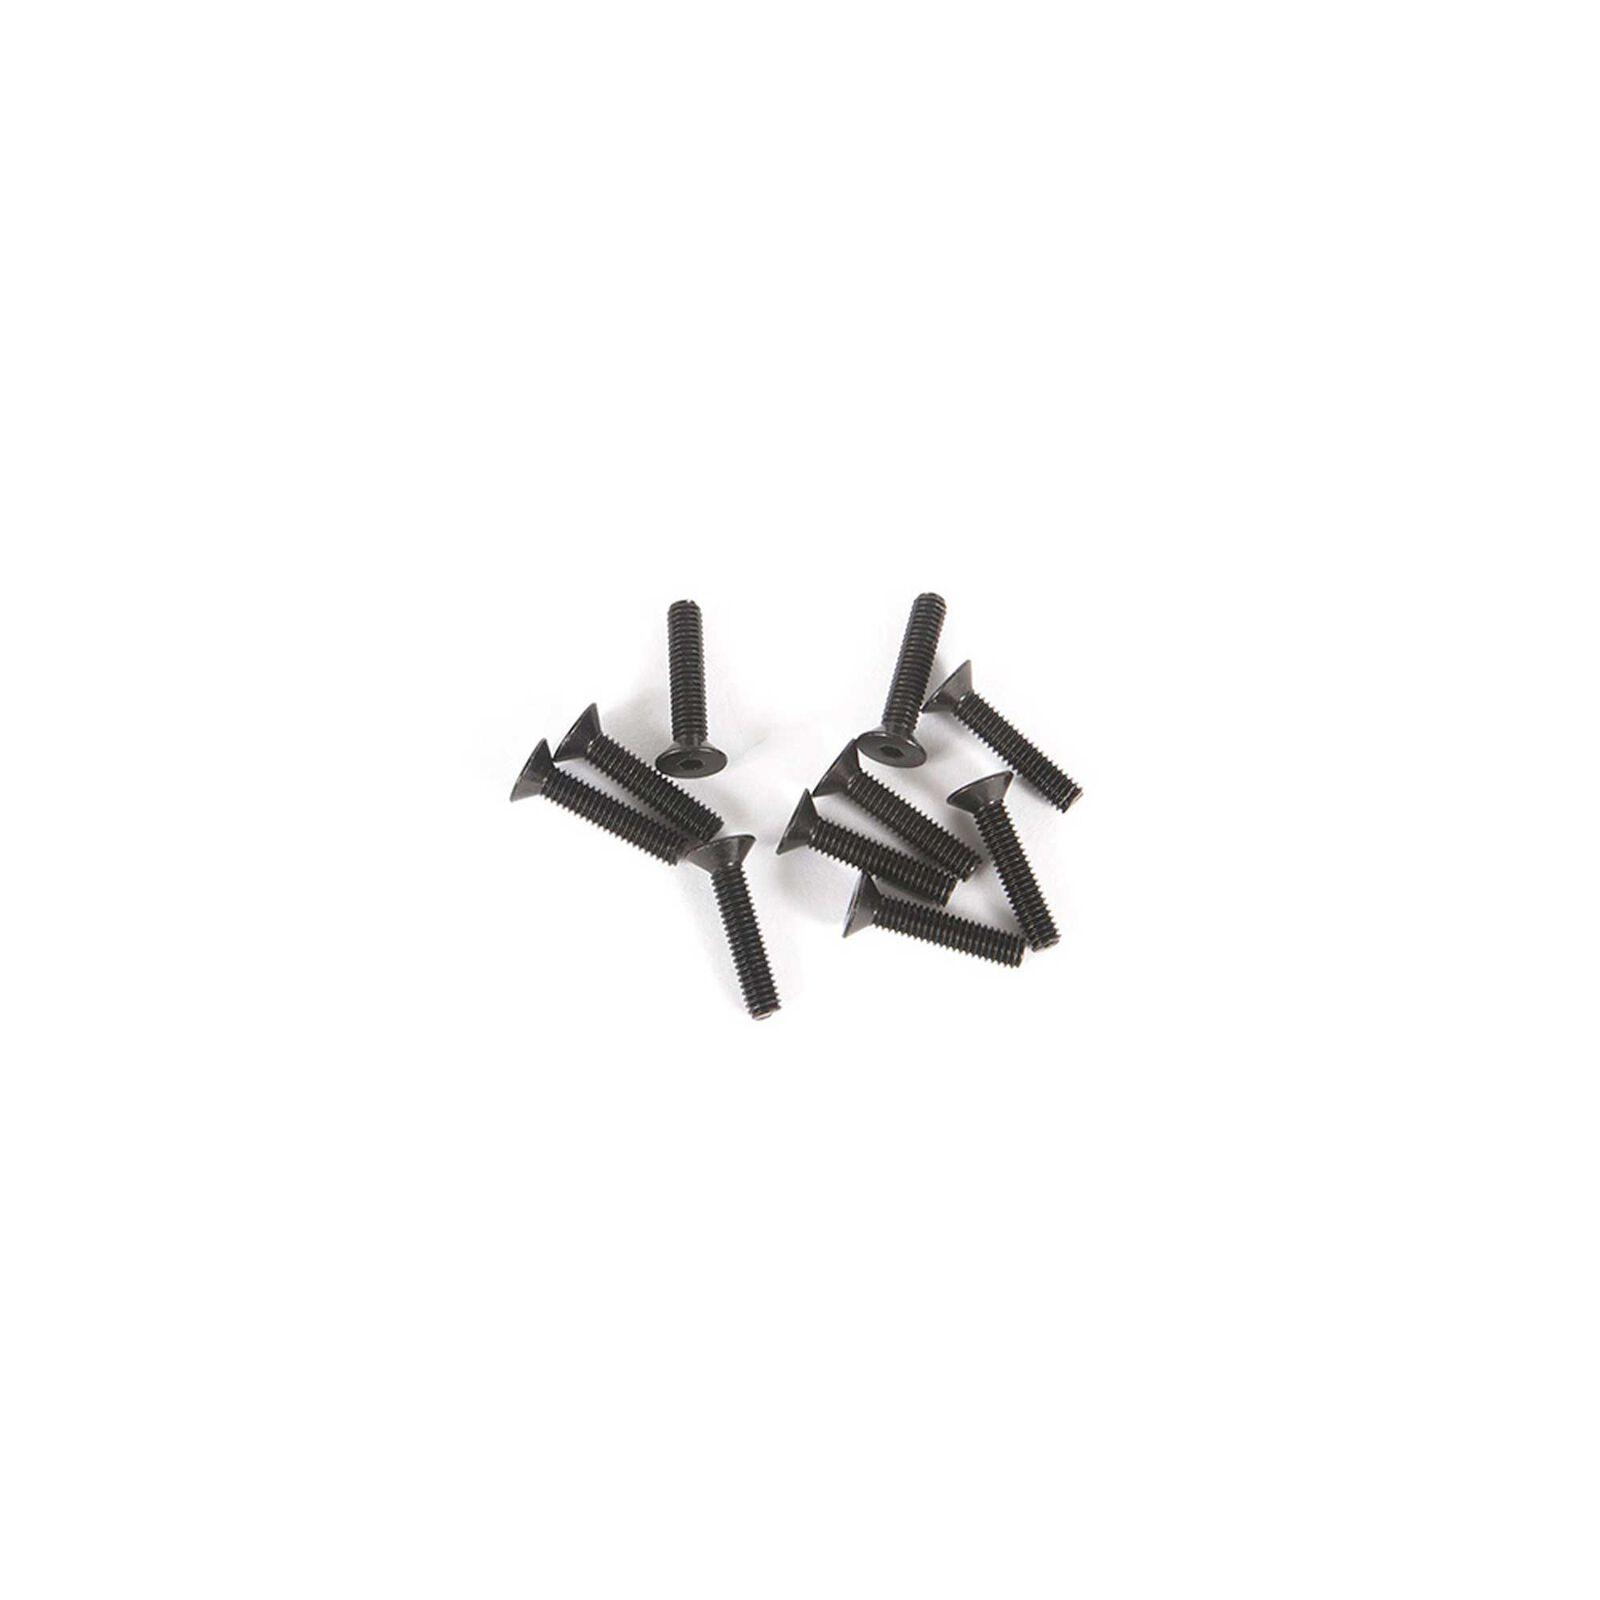 M2.5 x 12mm Flat Head Screw (10)